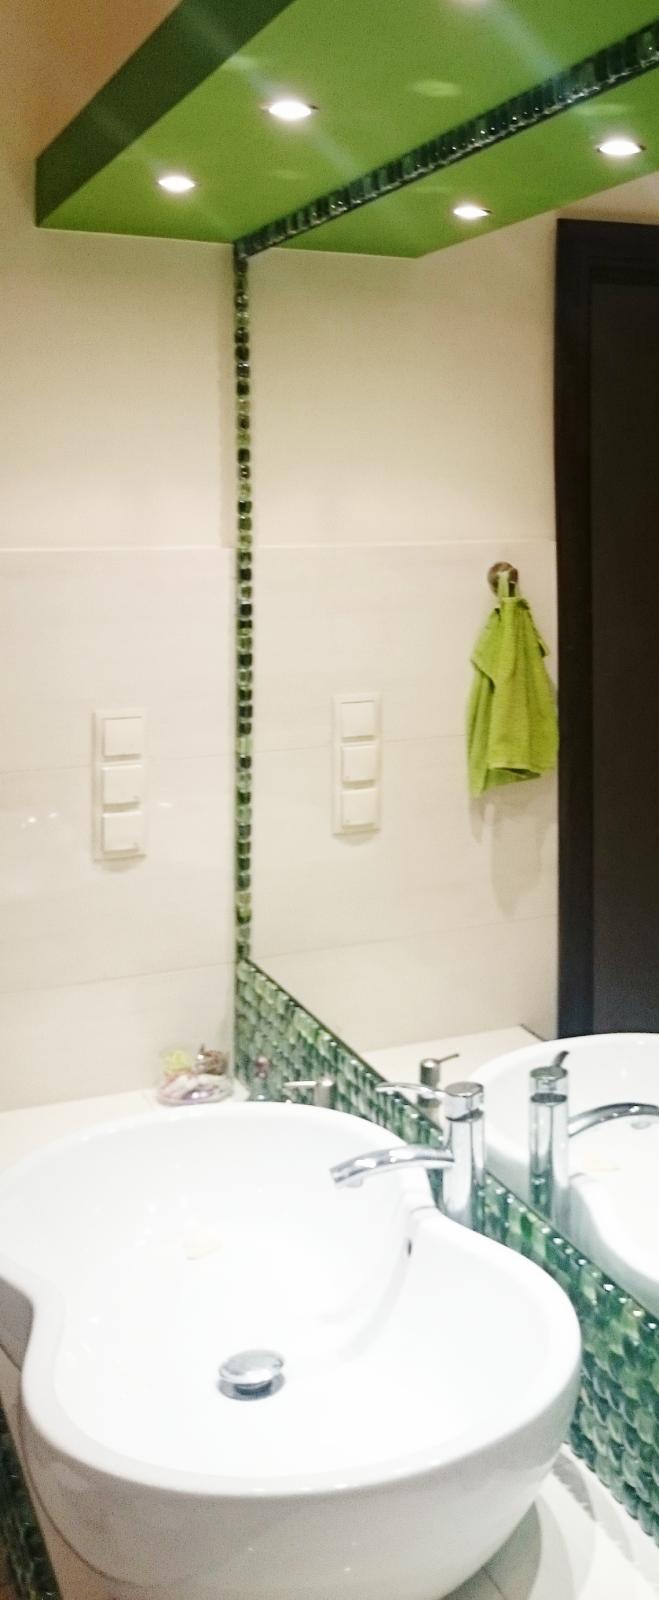 duża umywalka,piękna duża umywalka,do łazienki,inspiracje umywalki do łazienki